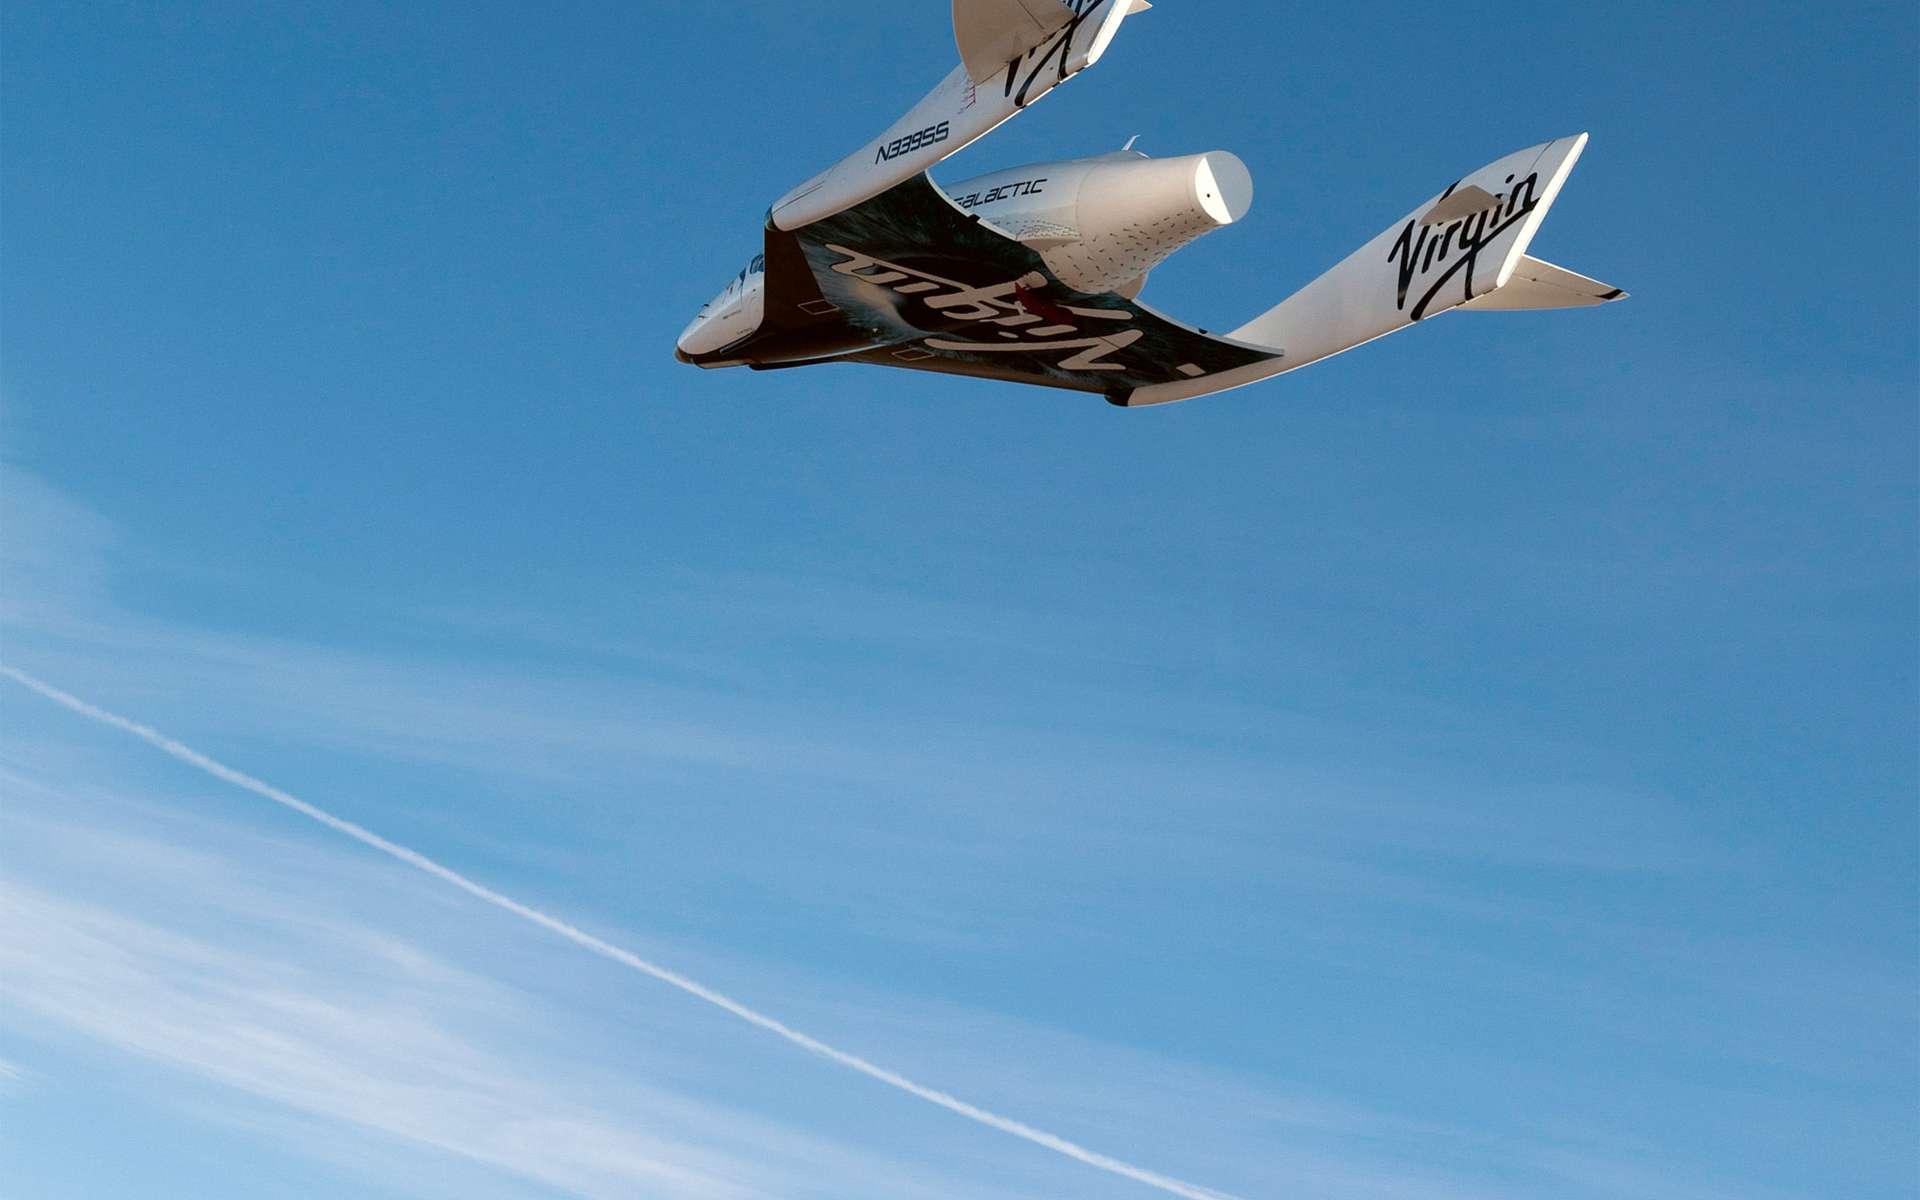 Avec sa large cabine pouvant contenir 6 passagers et 2 pilotes, le SpaceShipTwo se prête bien à l'emport d'expériences scientifiques à réaliser en microgravité. © Virgin Galactic